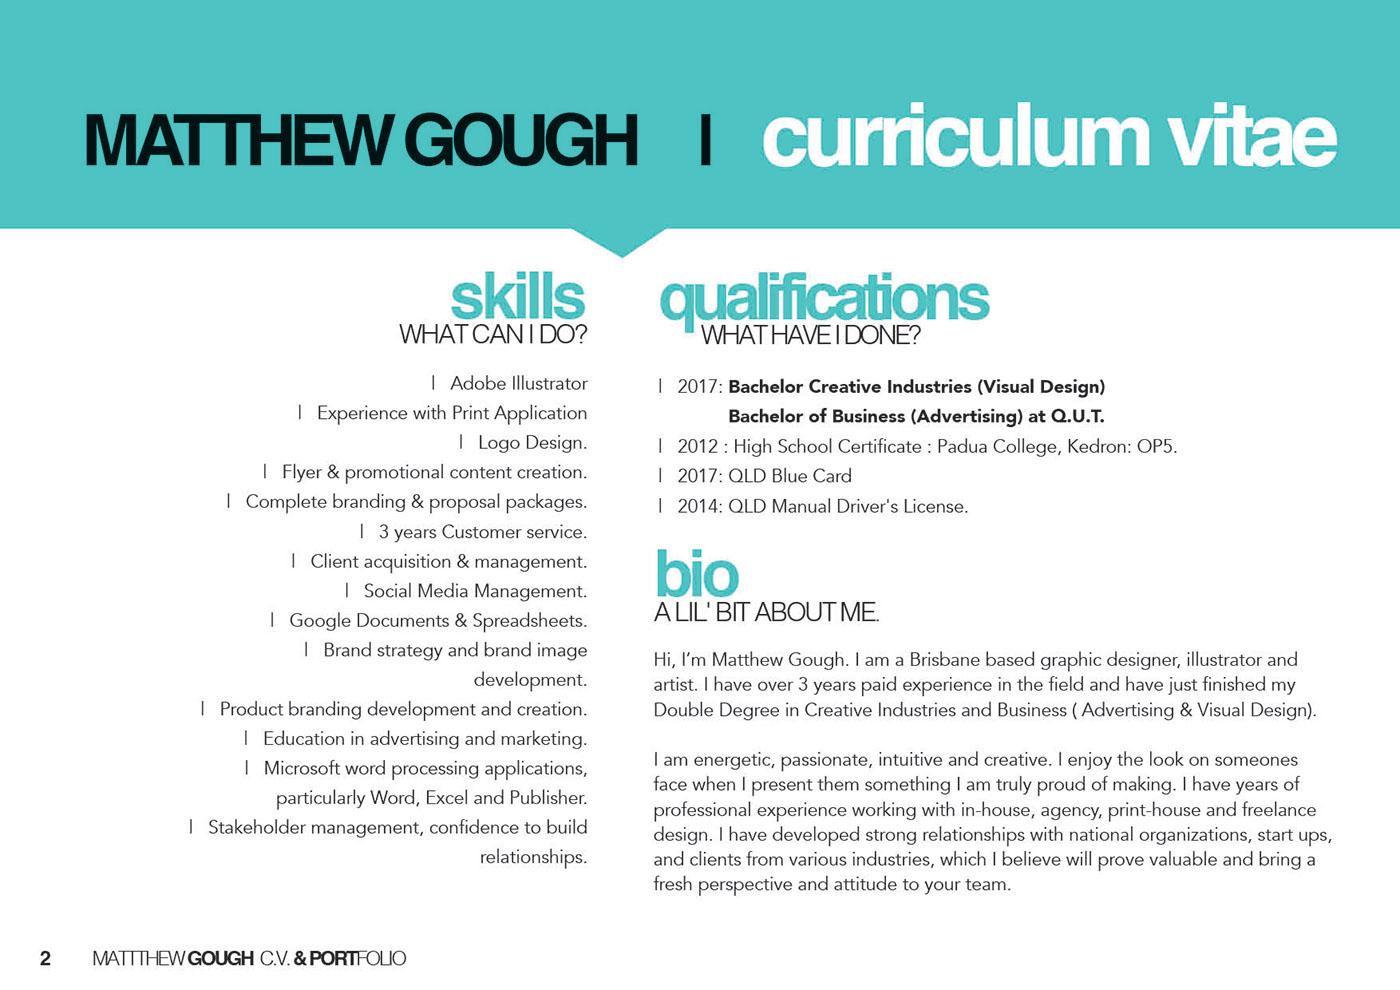 Matthew Gough - Portfolio Design on Behance